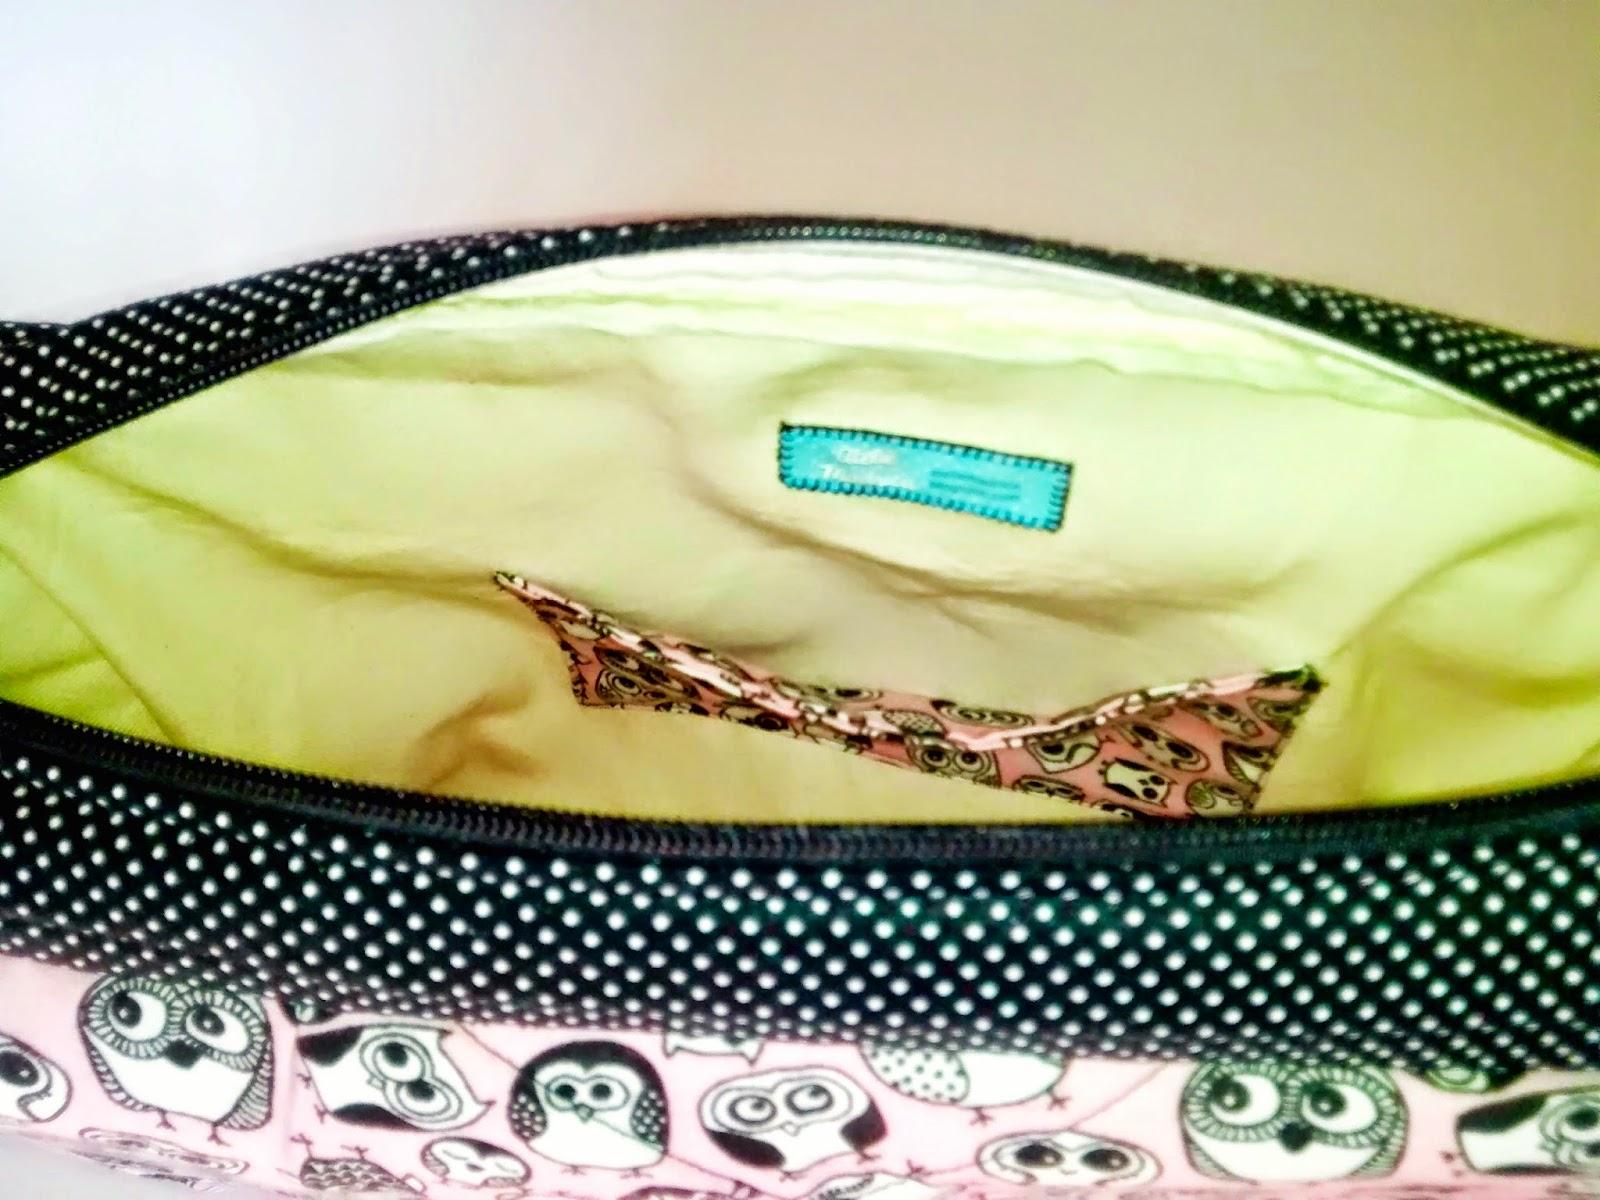 Bolsa com alça transversal de tecido | @ateliemadrica